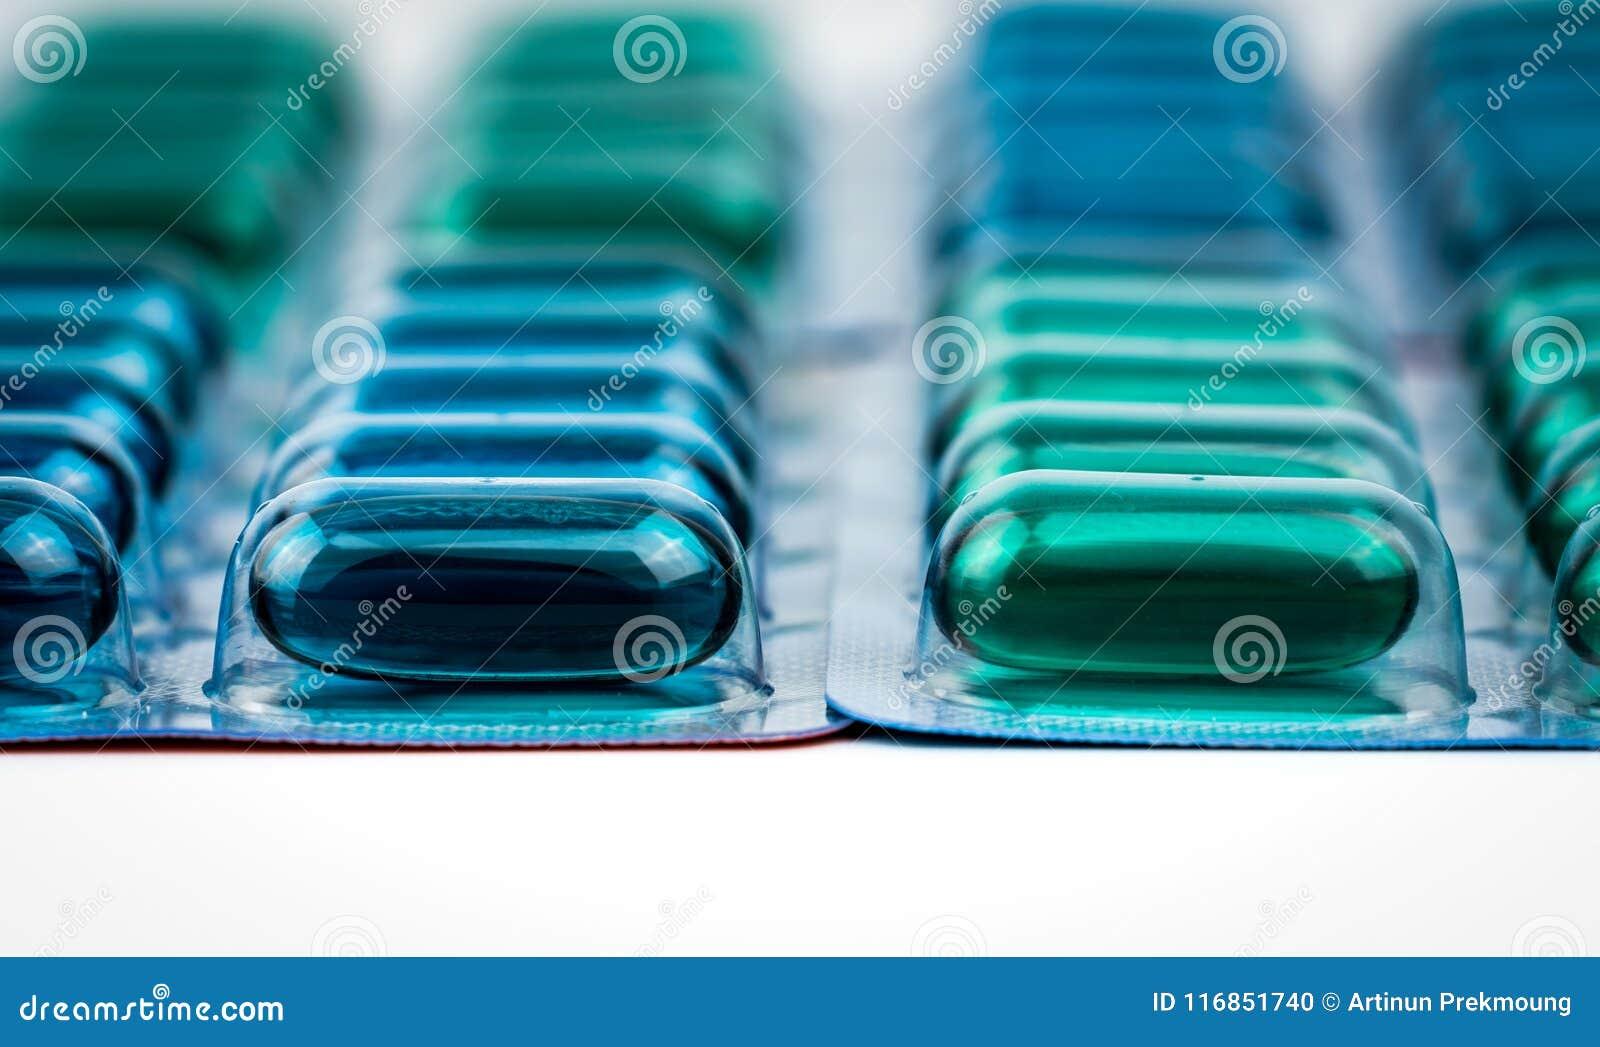 在蓝色和绿色软的胶凝体胶囊药片的选择聚焦在天线罩包装 萘普生和异丁苯丙酸非甾体抗炎药